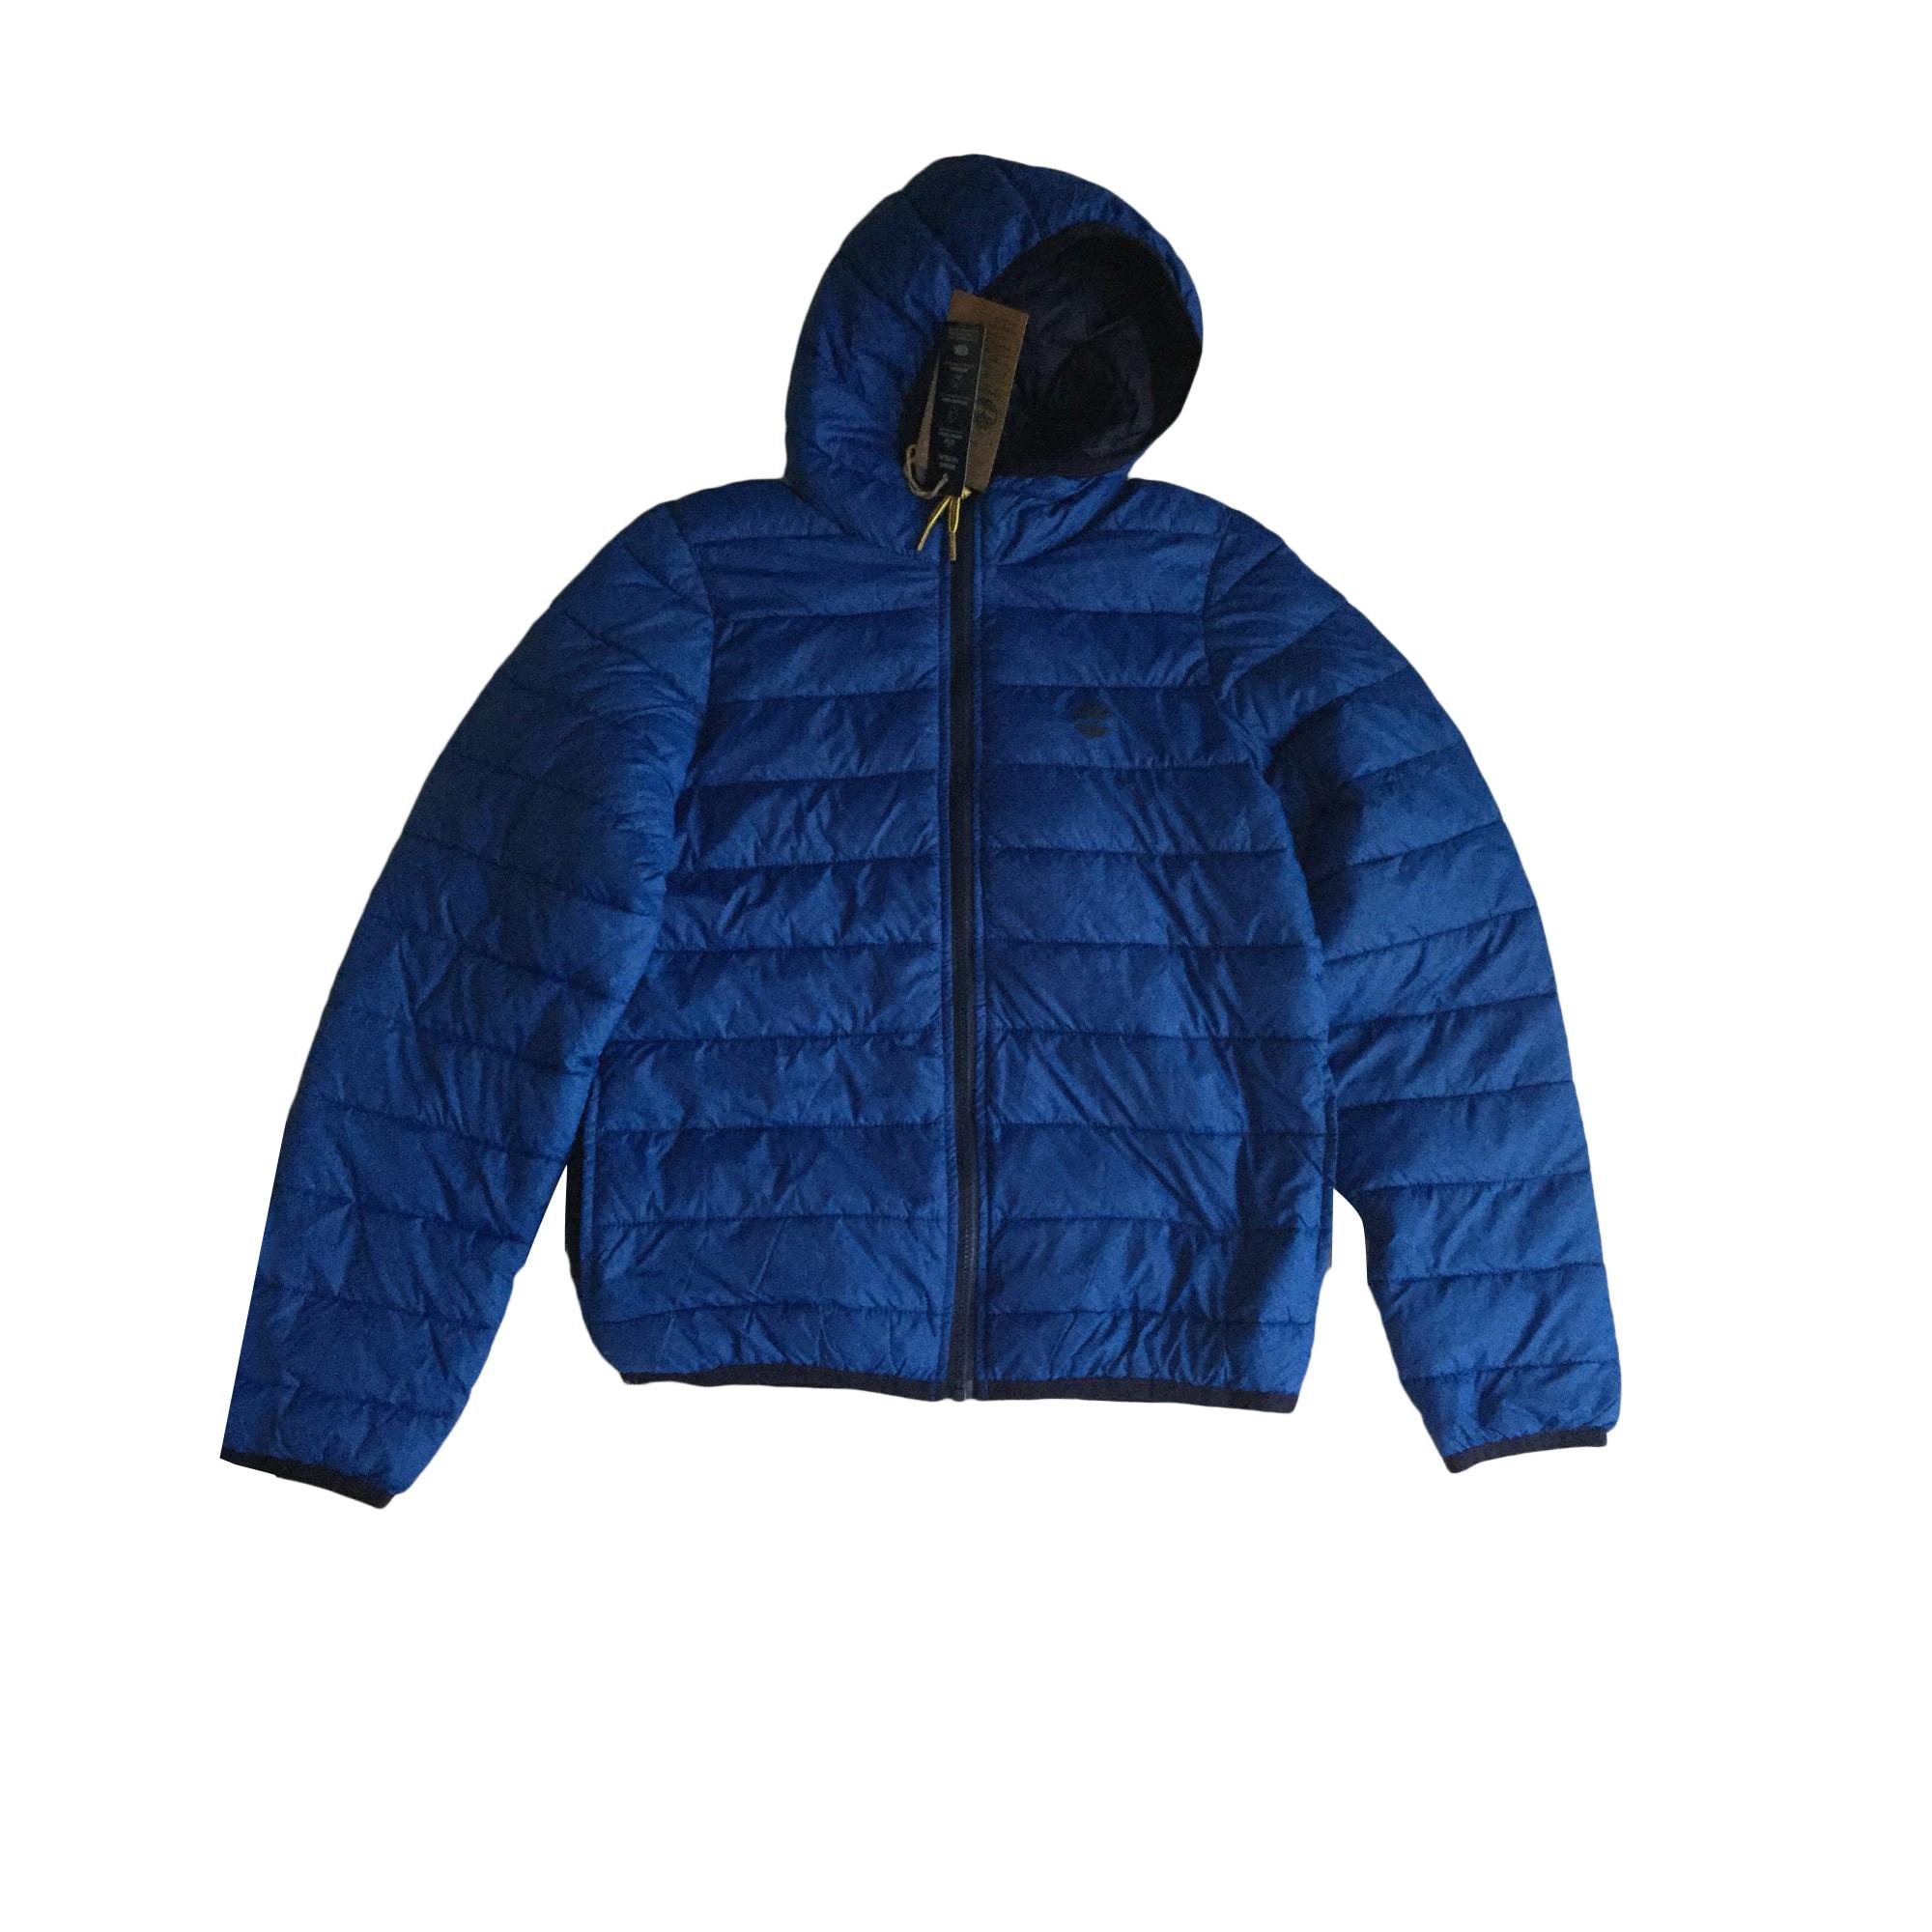 Blouson TIMBERLAND Bleu, bleu marine, bleu turquoise